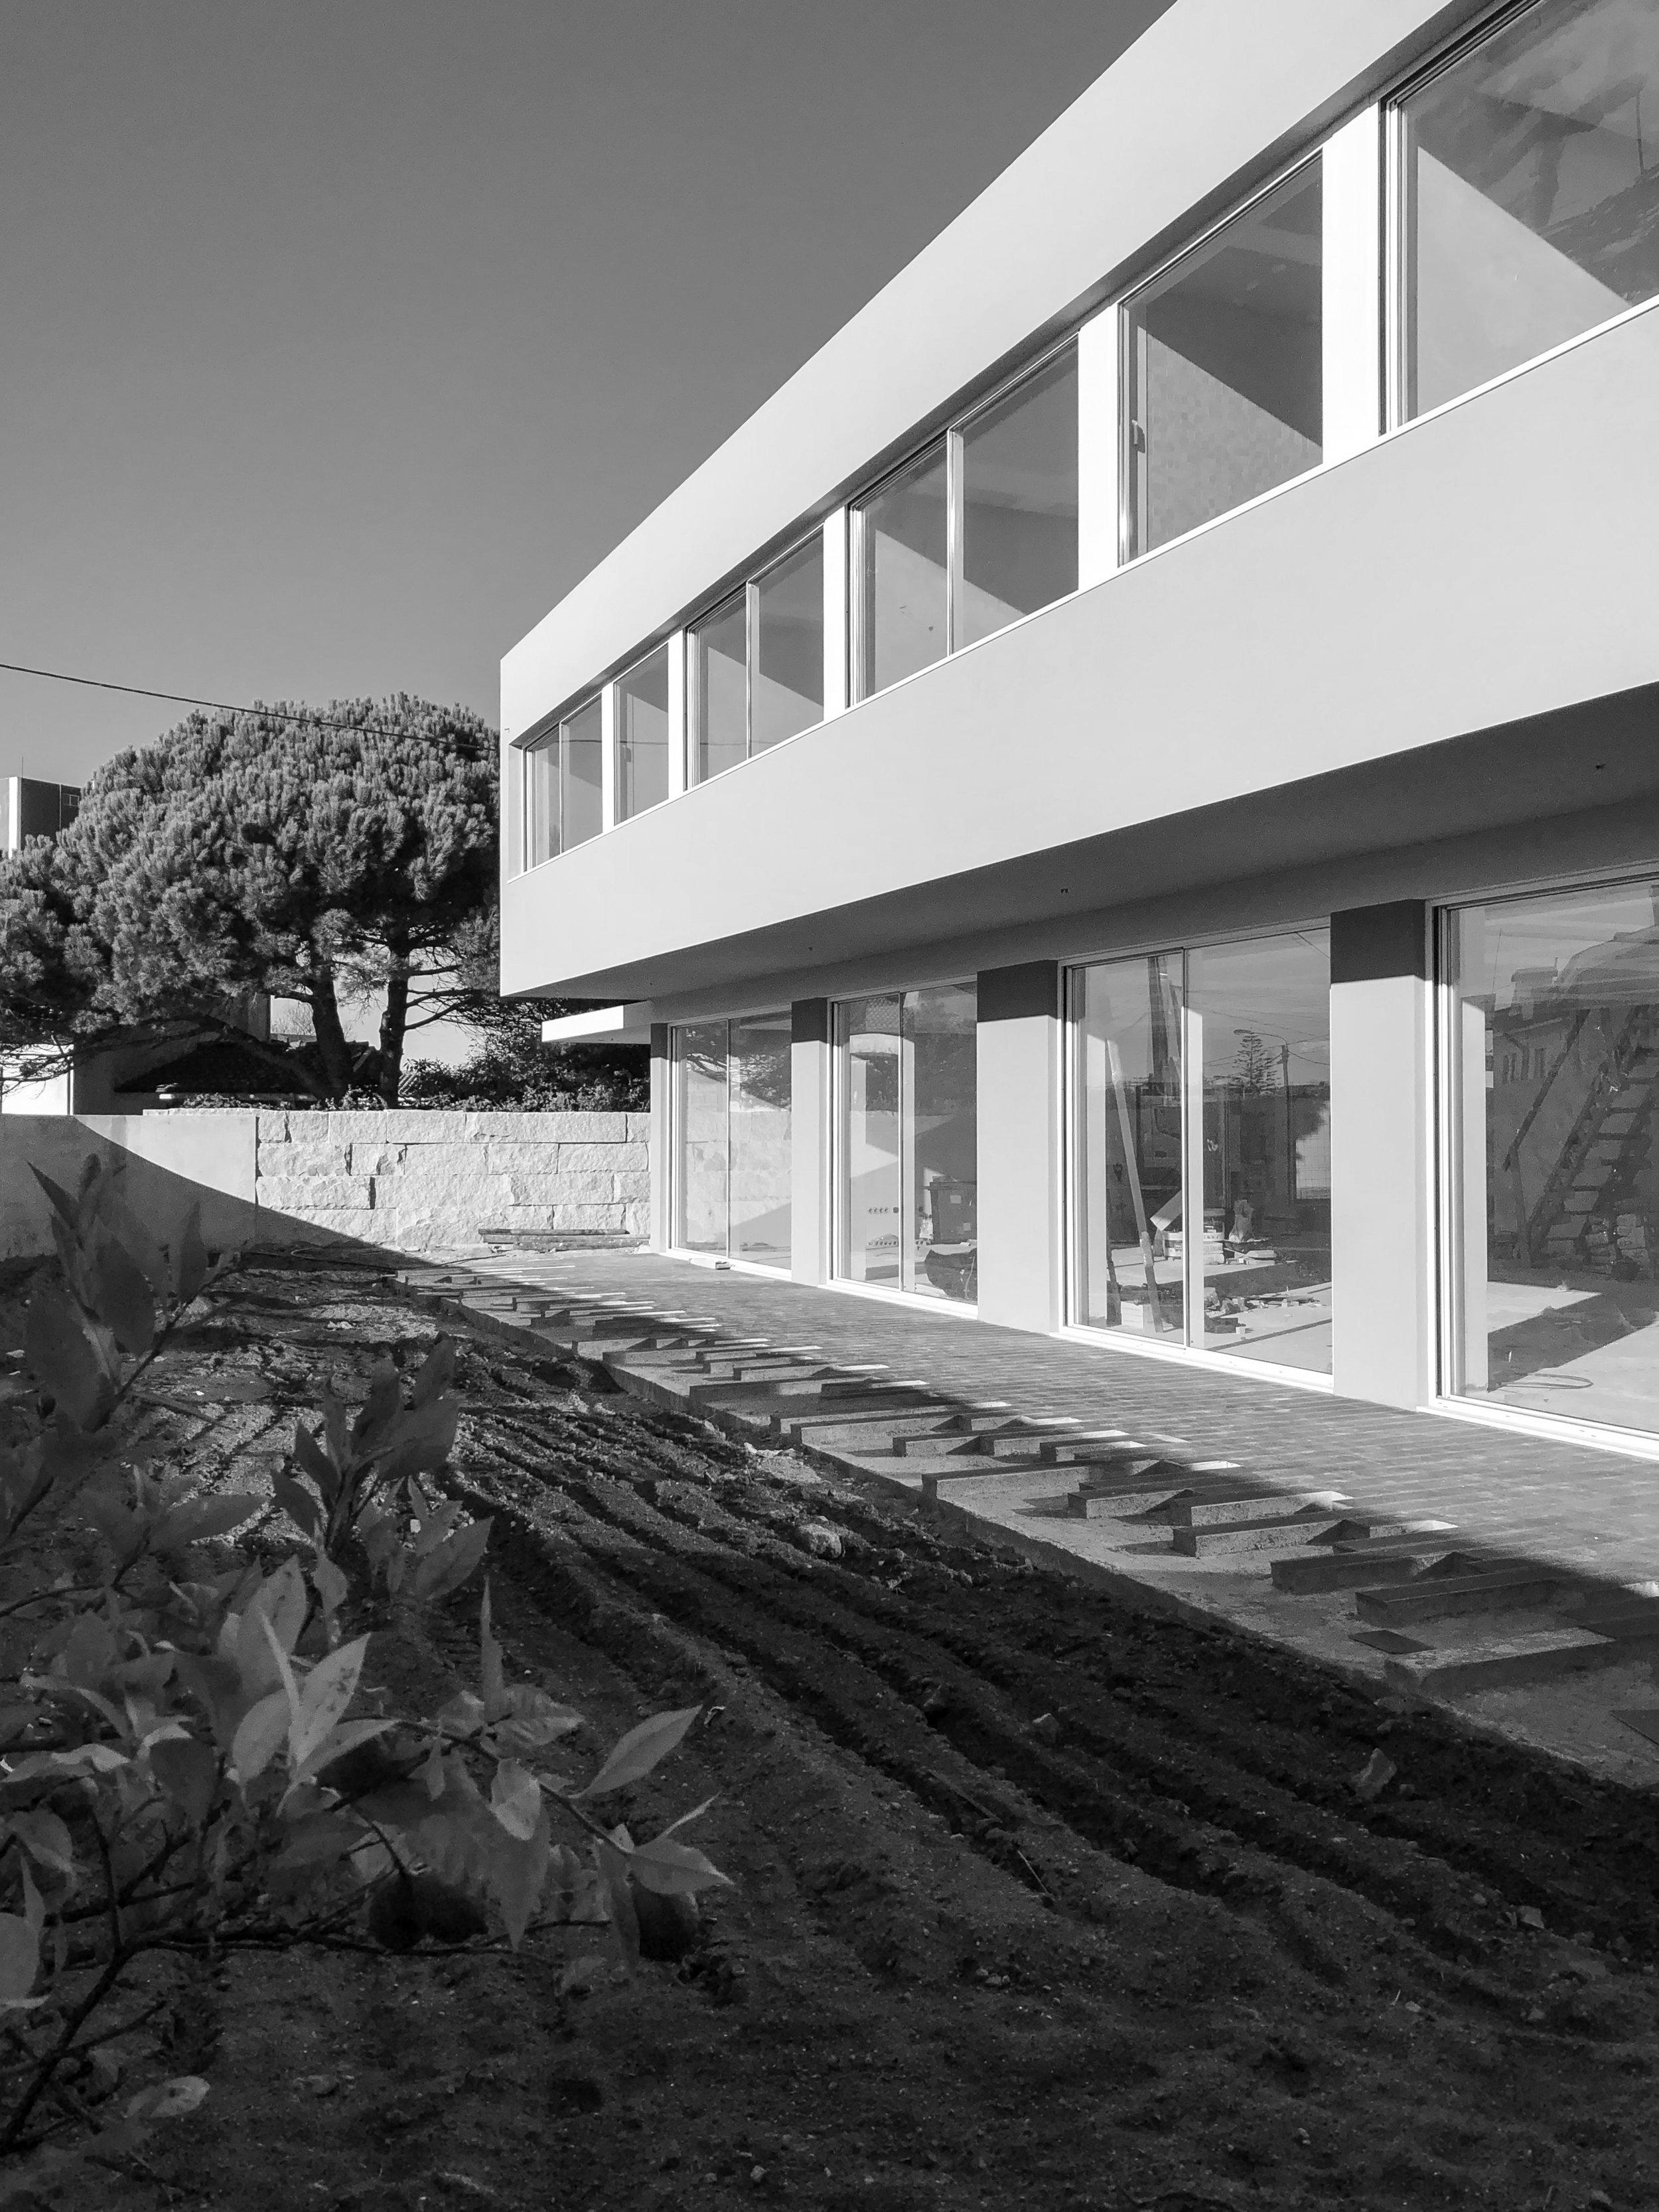 Moradia Alfazema - EVA evolutionary architecture - arquitetura - habitação - vila nova gaia  (8).jpg